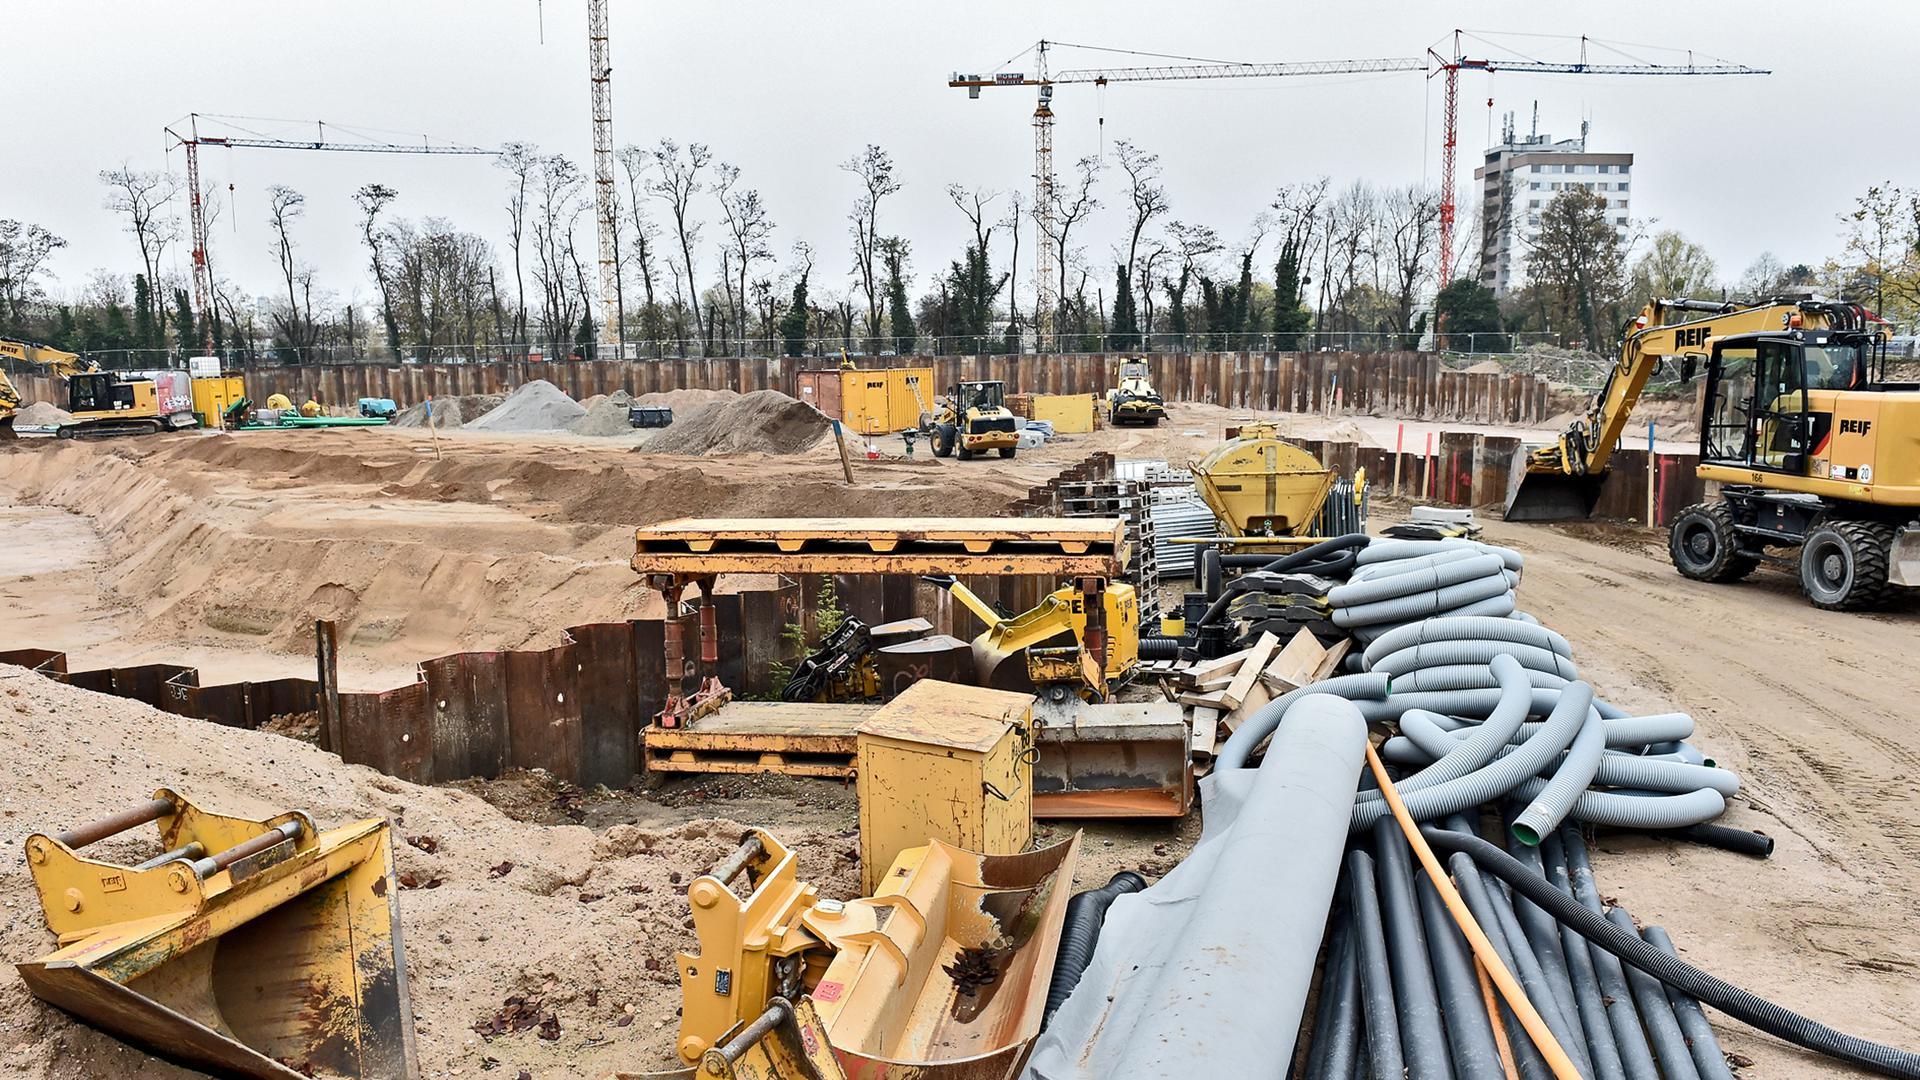 Bezahlbarer Wohnraum ist gefragt: Auf dem August-Klingler-Areal, dem ehemaligen Sportgelände des FV Daxlanden, in Karlsruhe lässt die Volkswohnung ein Wohnquartier mit etwa 360 Wohnungen errichten.